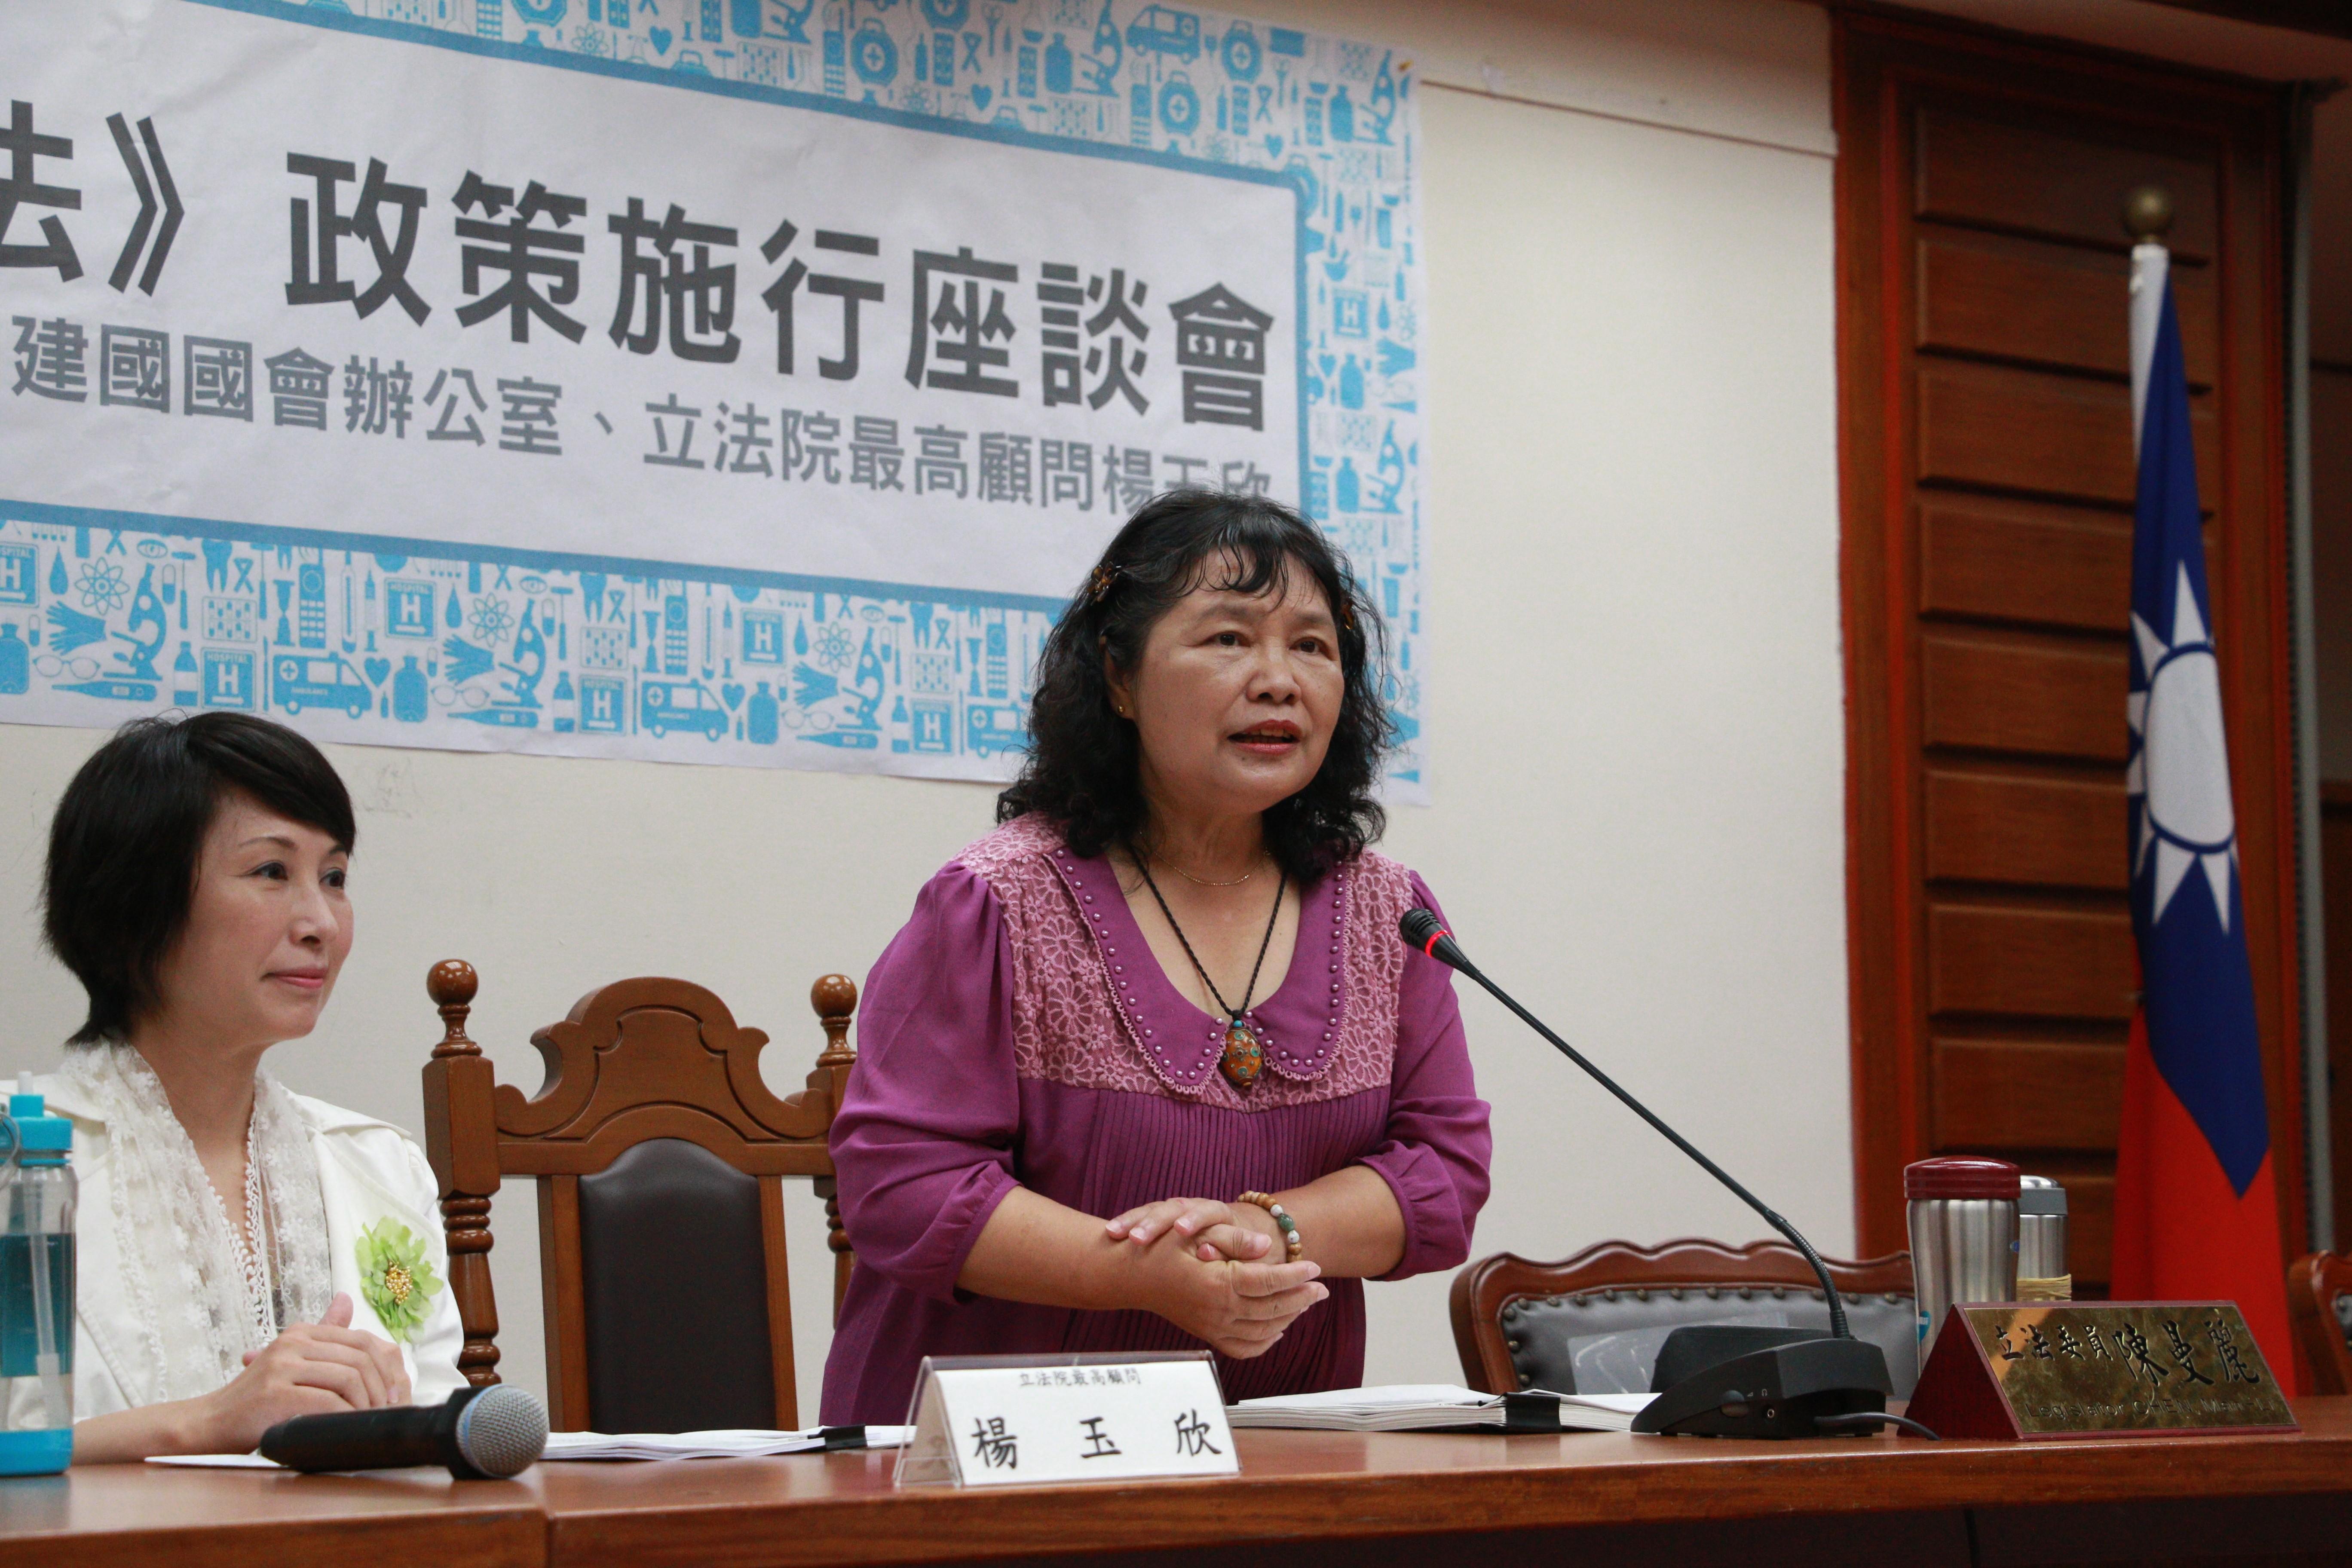 《病人自主權利法》政策施行座談會